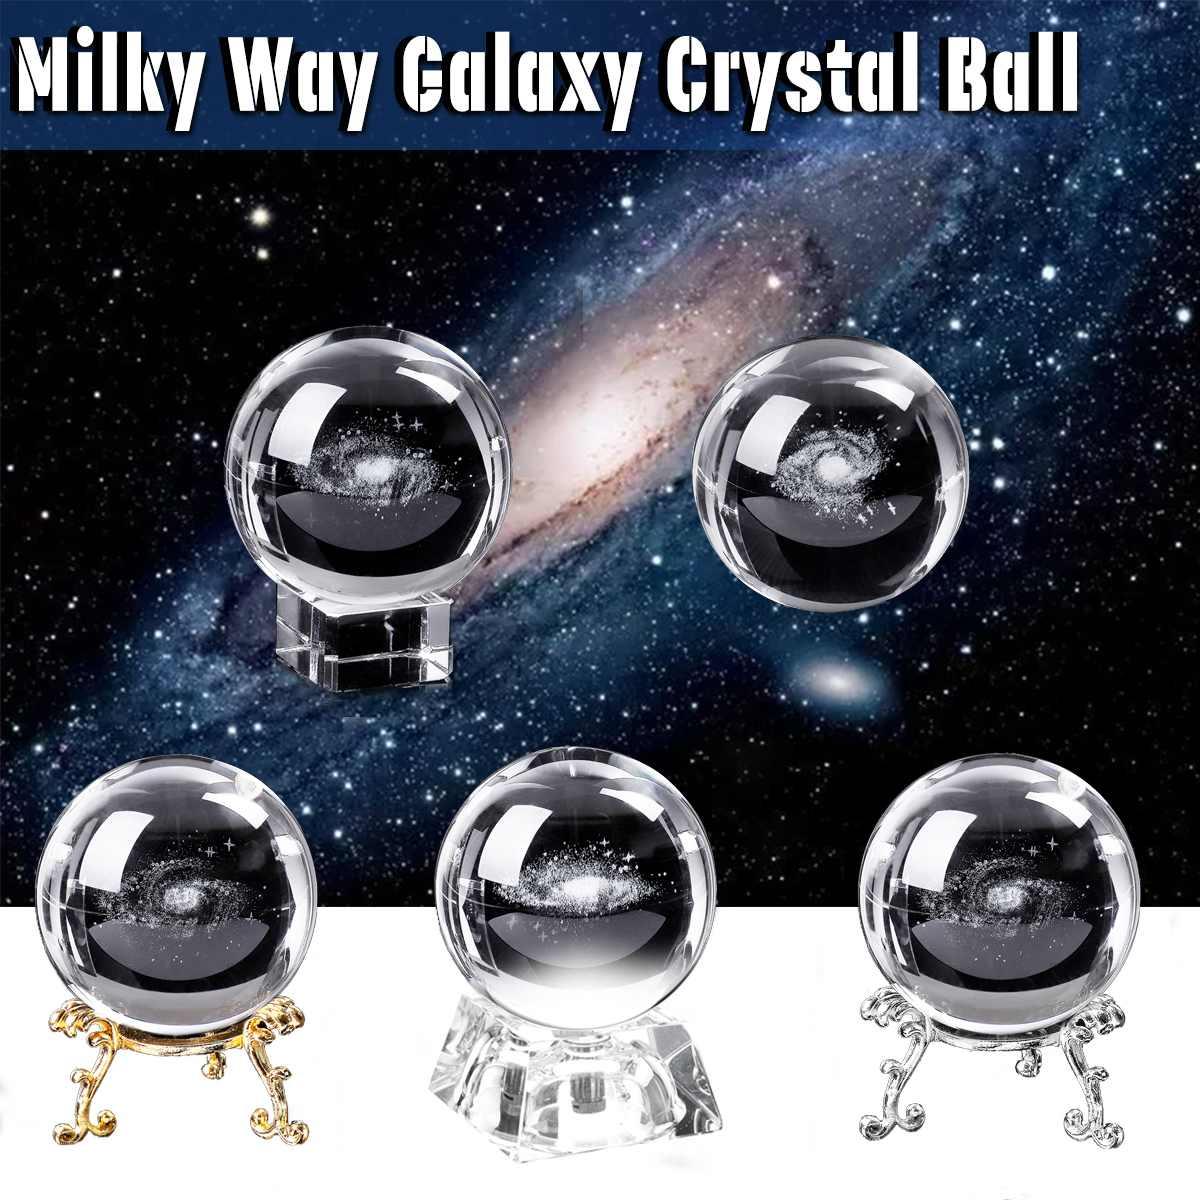 6 cm 3D Laser Gravierte Quarz Glas Ball Durchmesser Globus Für Galaxy Miniaturen Kristall Ball Beleuchtet Basis Hause Dekoration Geschenke